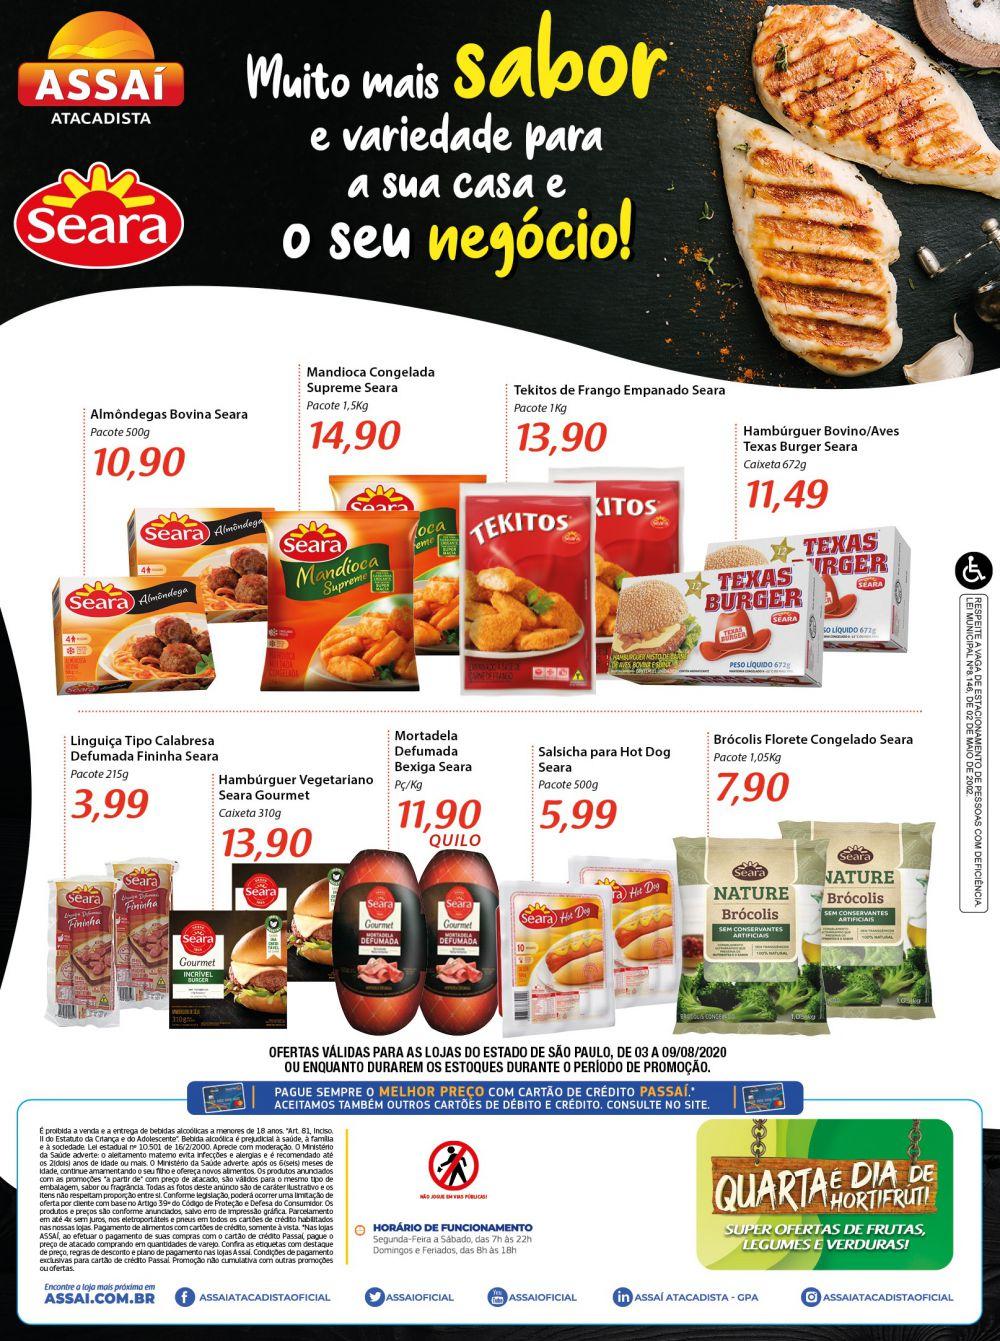 Encarte Assaí Ofertas de Carnes 03/08/2020 02